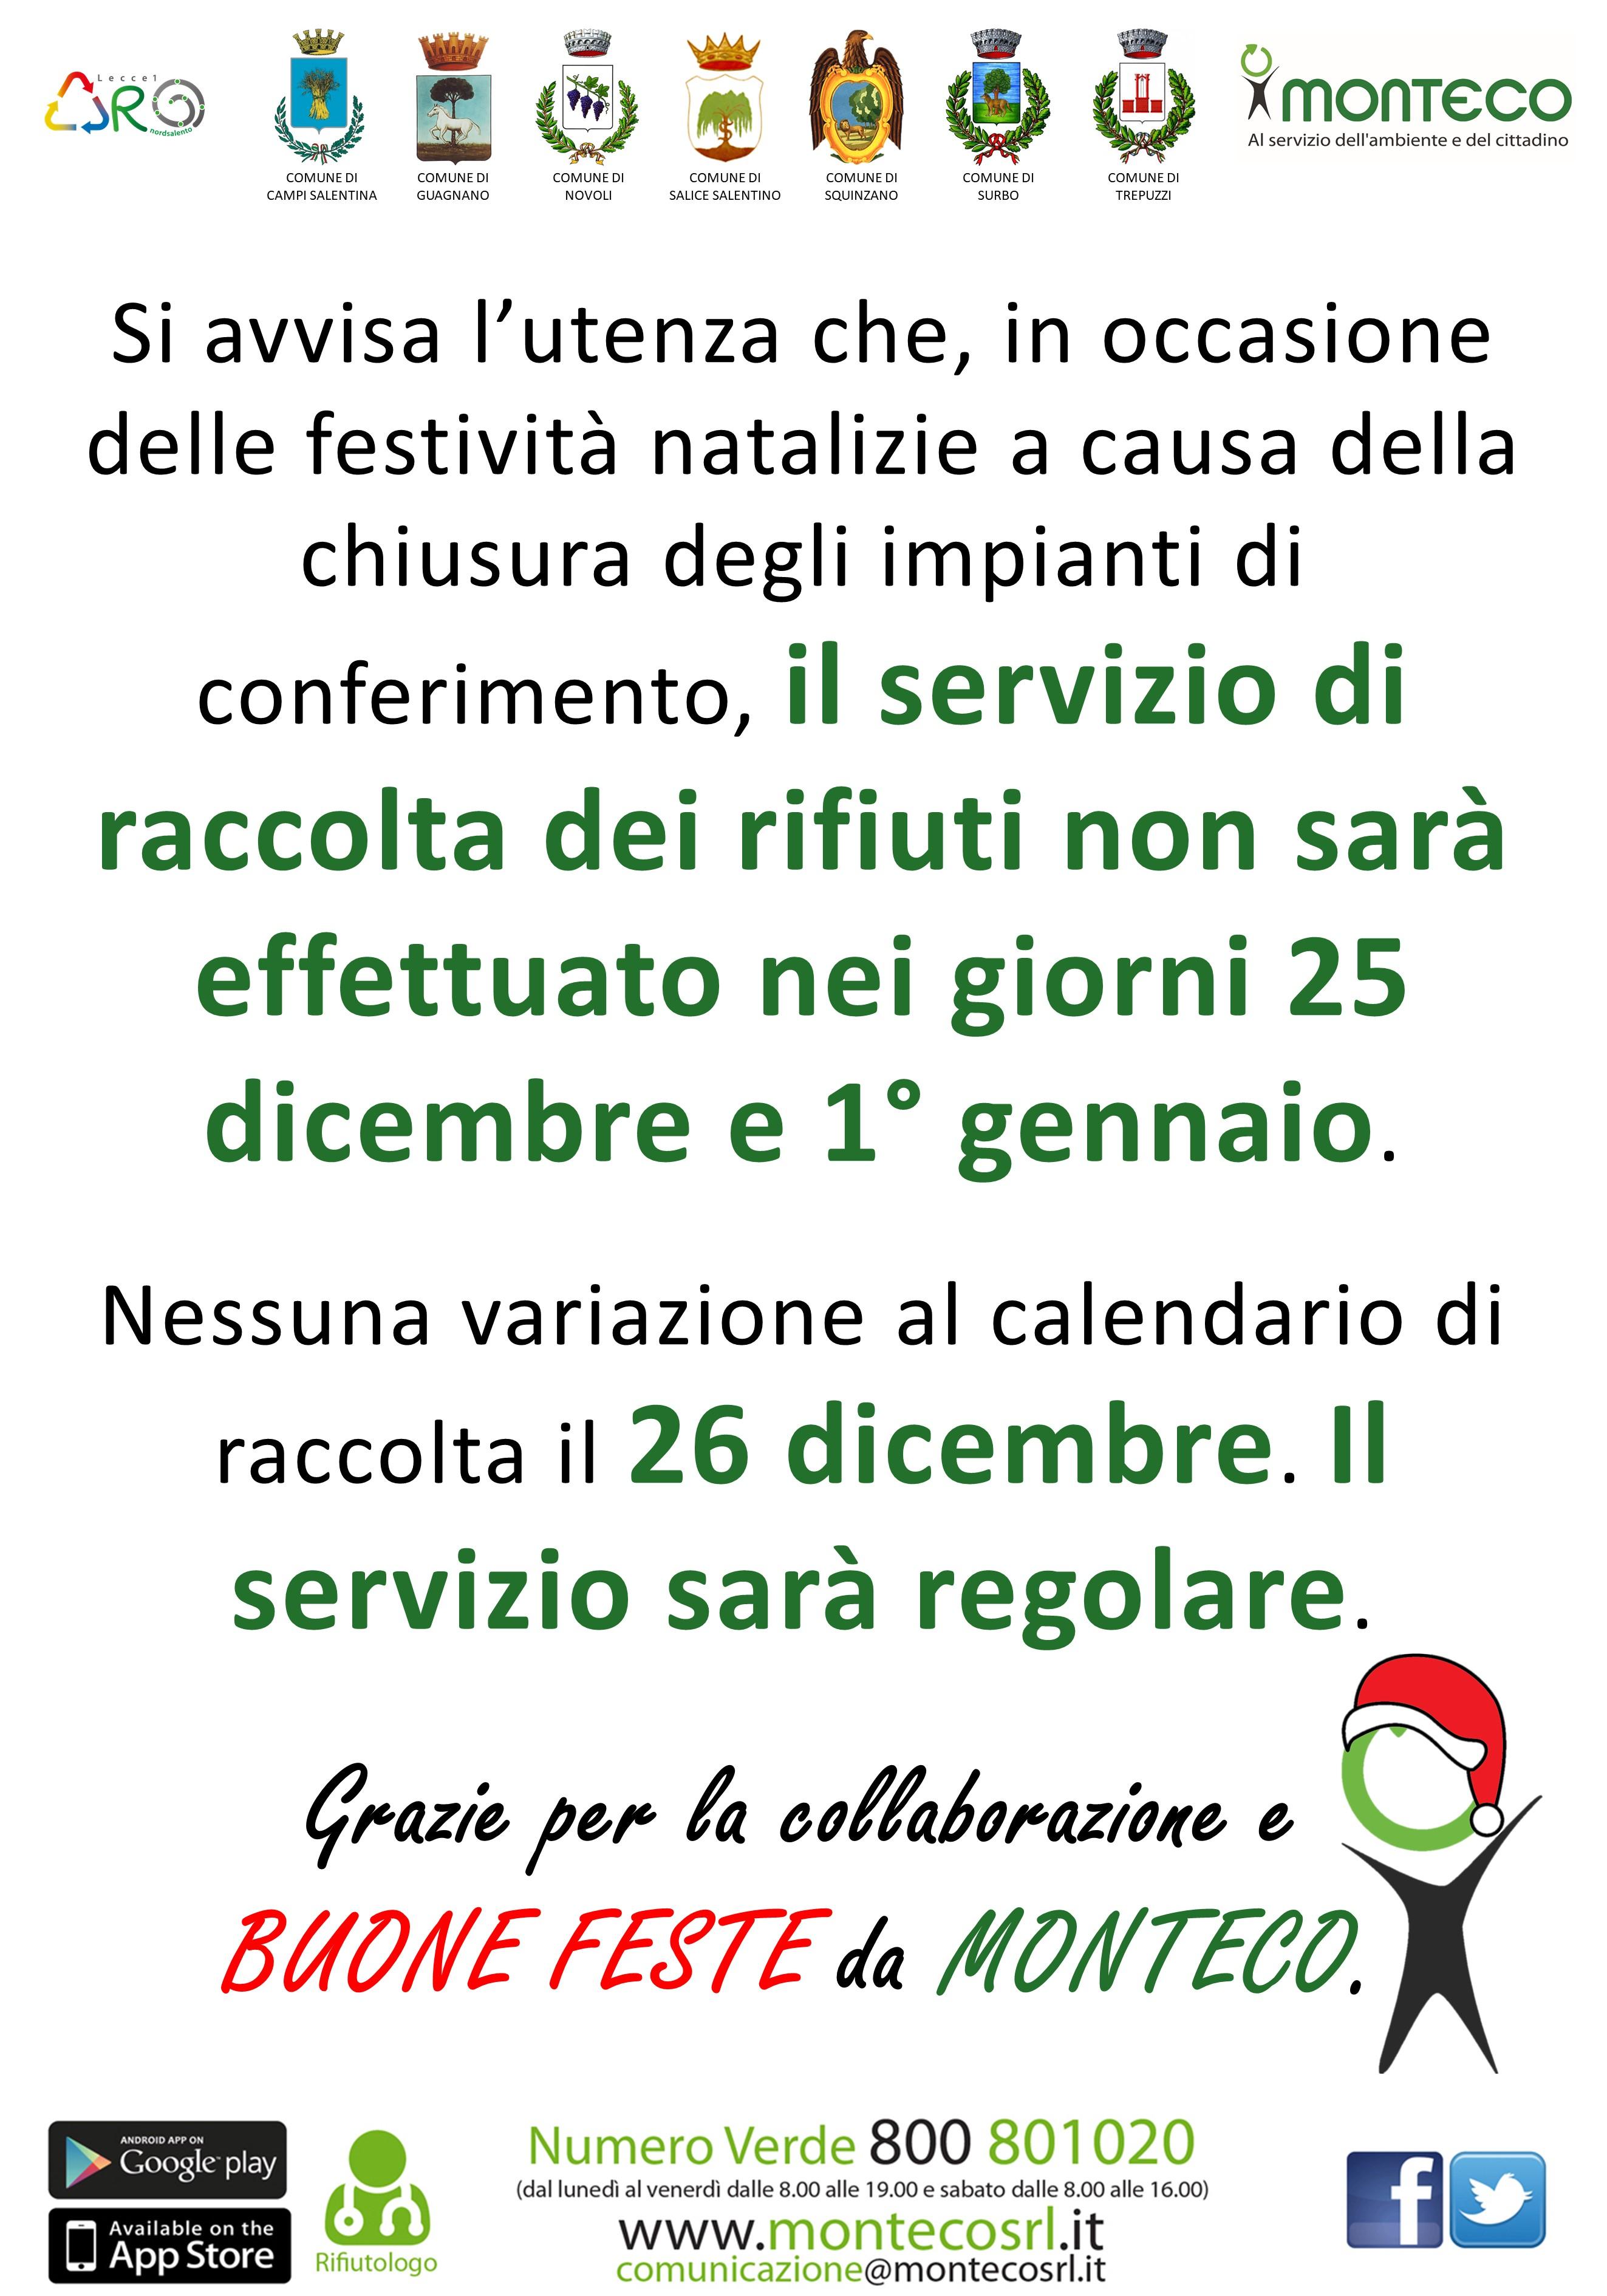 ARO LE/1: variazione calendario di raccolta in occasione delle festività natalizie